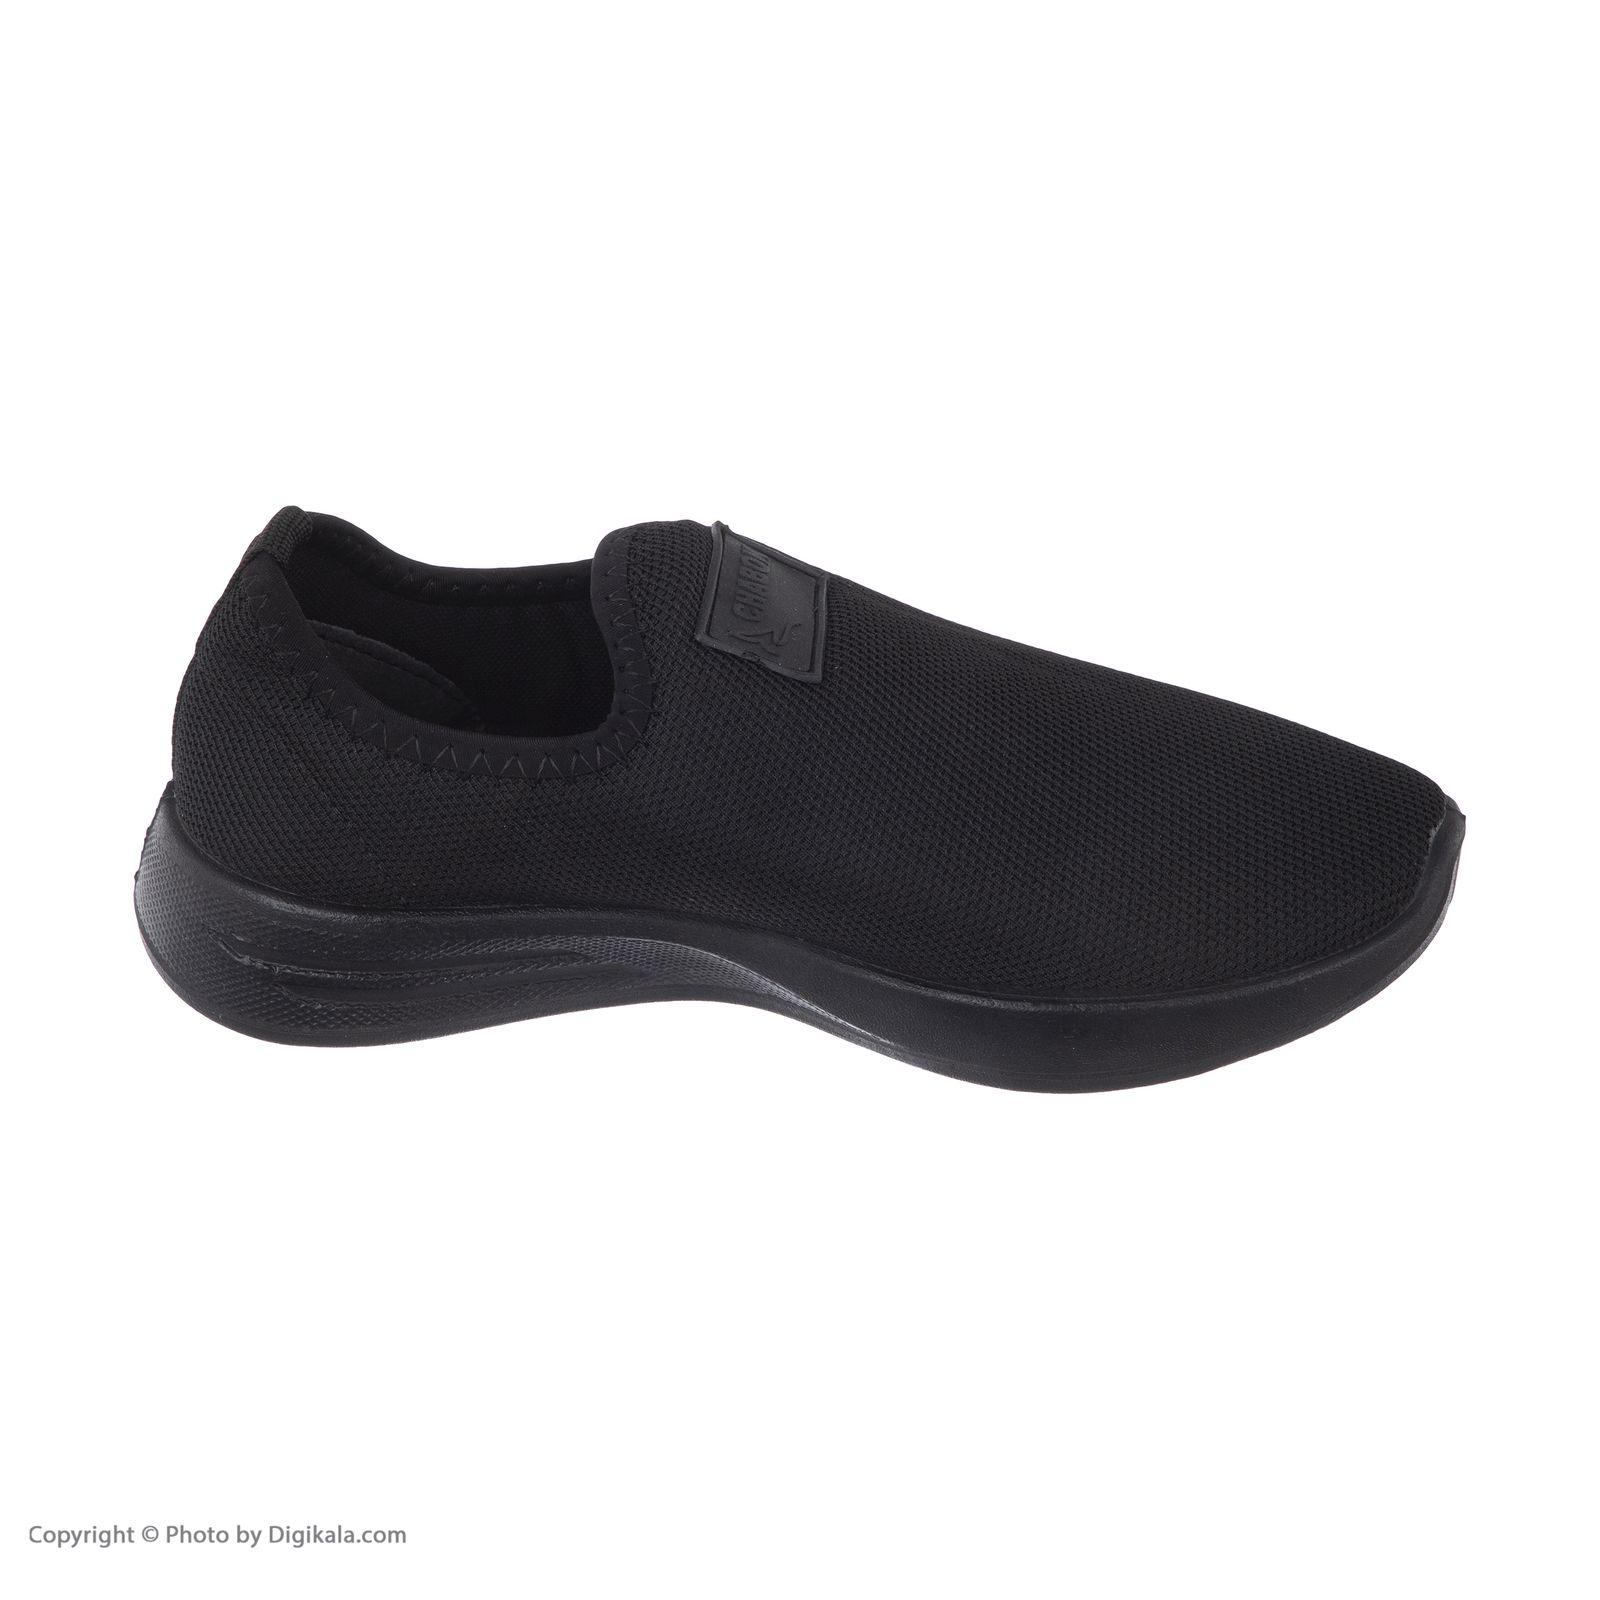 کفش راحتی چابک مدل رامش رنگ مشکی -  - 5